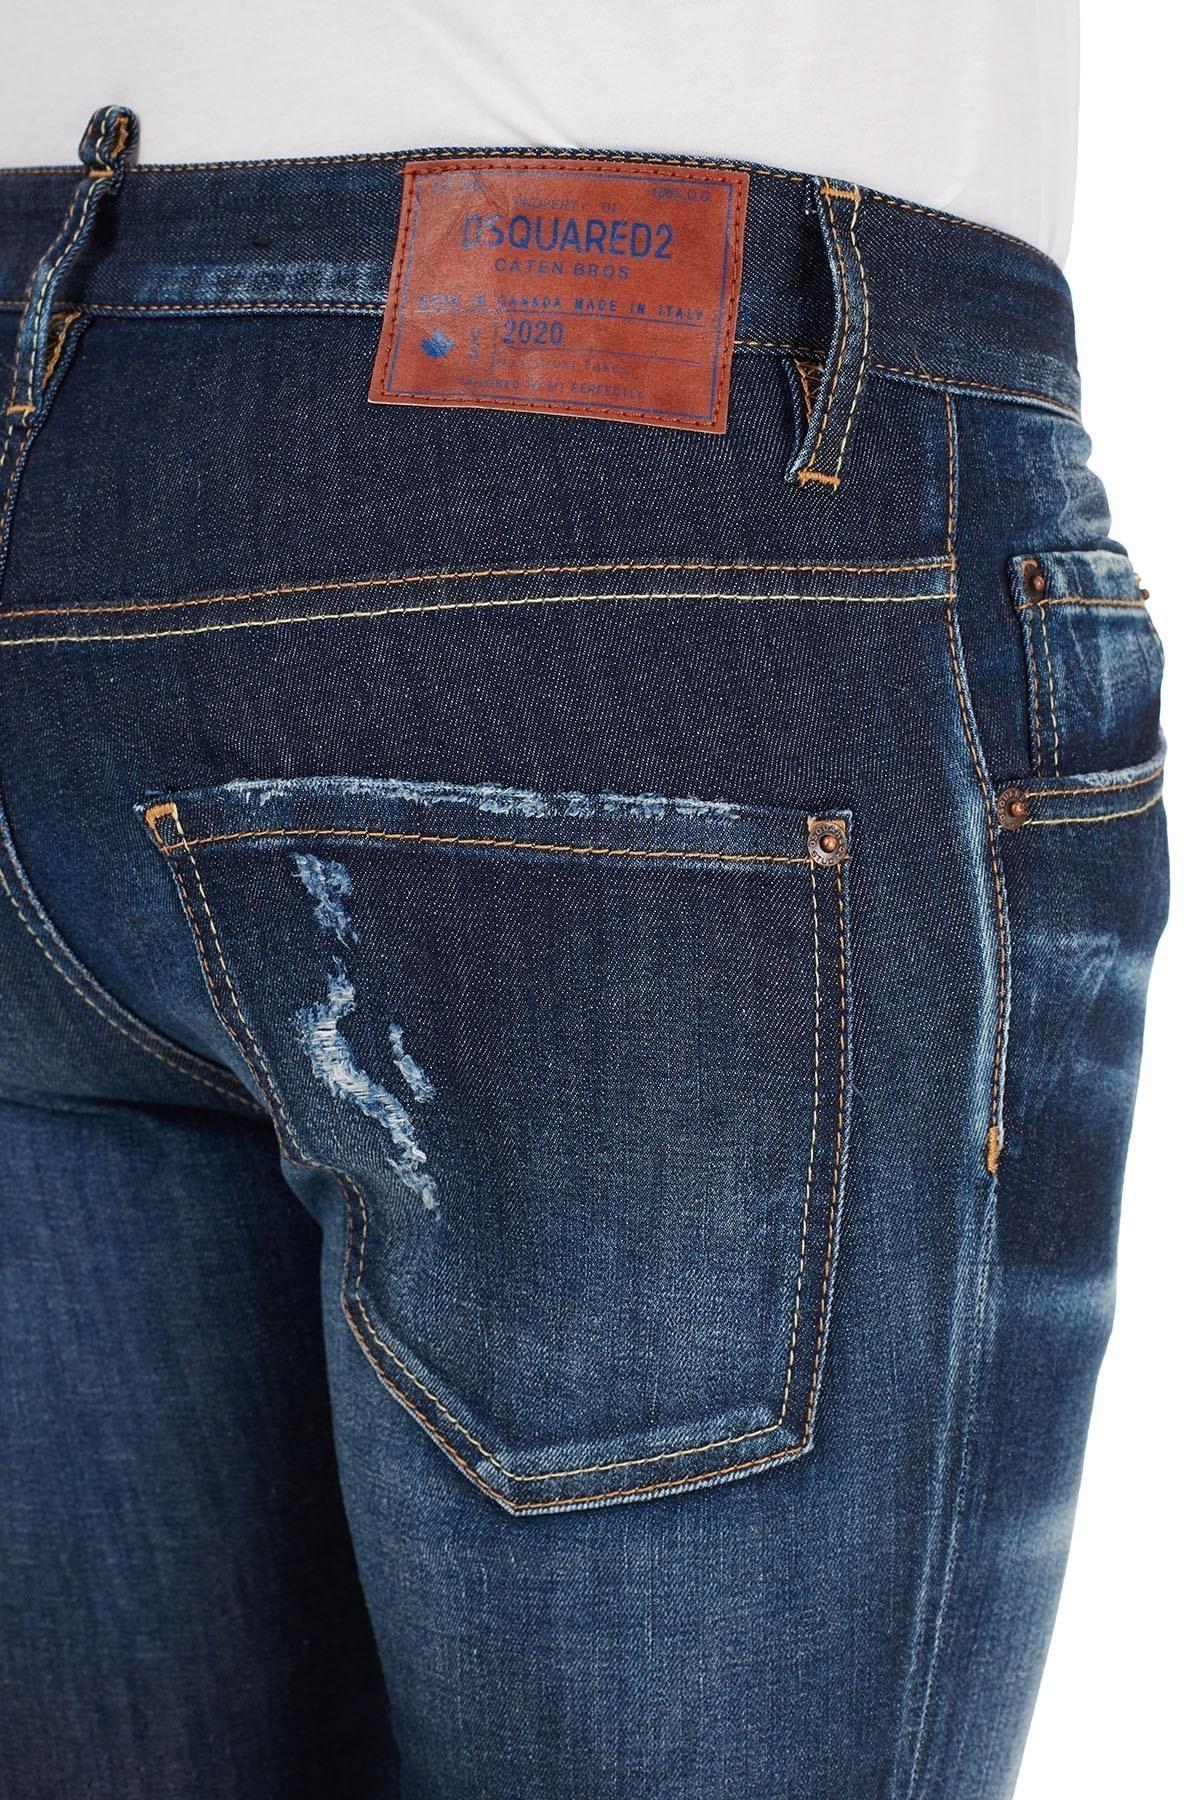 Dsquared2 Slim Fit Pamuklu Jeans Erkek Kot Pantolon S74LB0793 S30685 470 LACİVERT